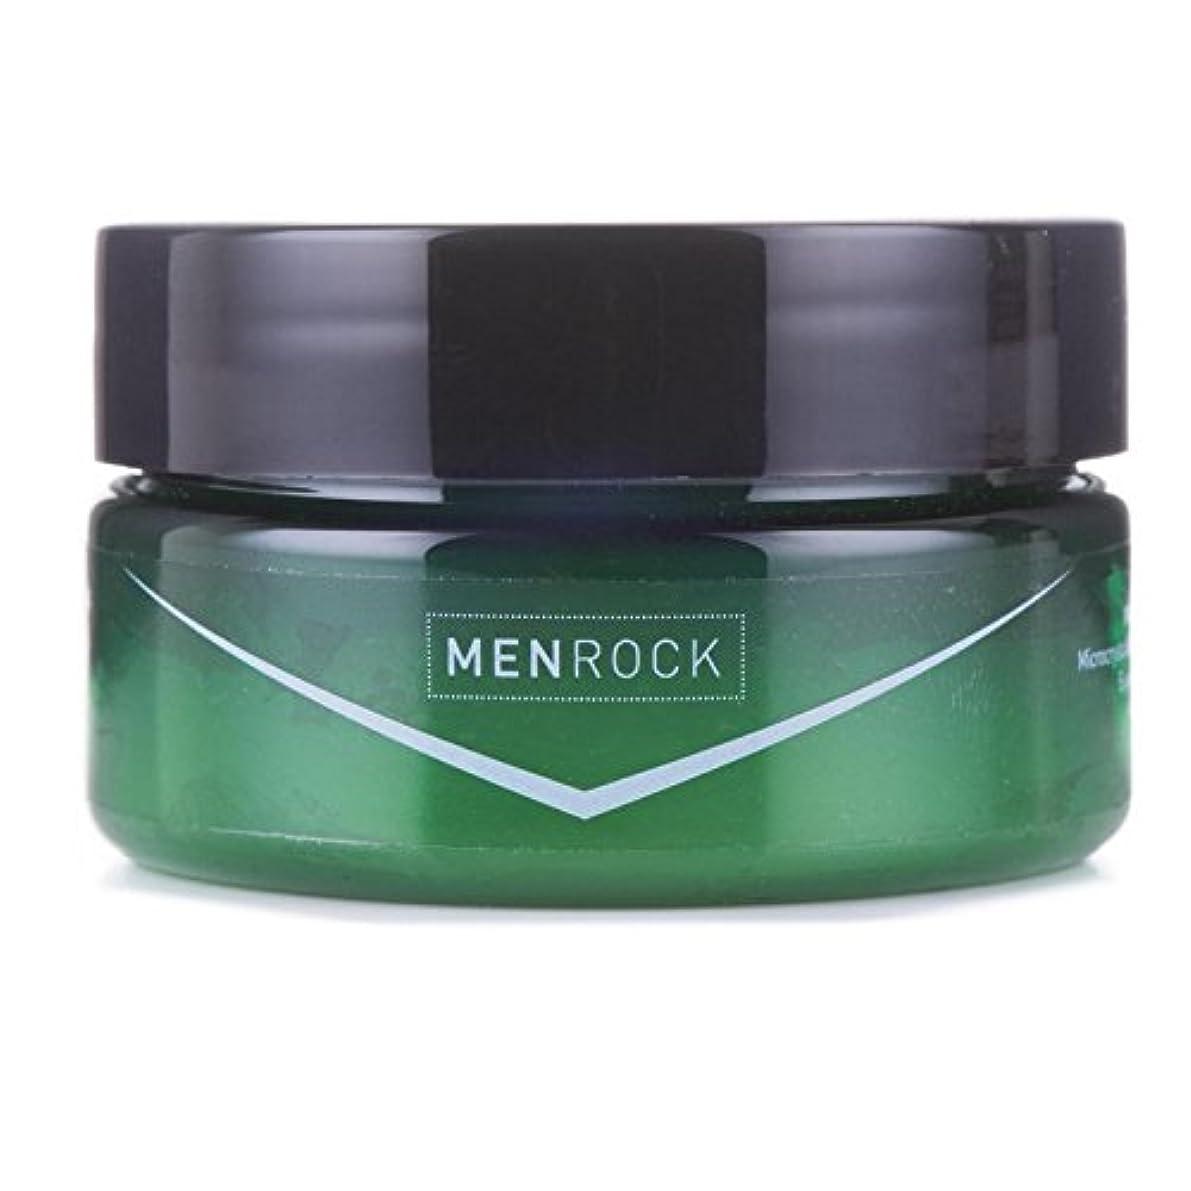 すばらしいです塗抹プロトタイプMen Rock Awakening Moustache Wax (Pack of 6) - 男性の岩の覚醒口ひげワックス x6 [並行輸入品]